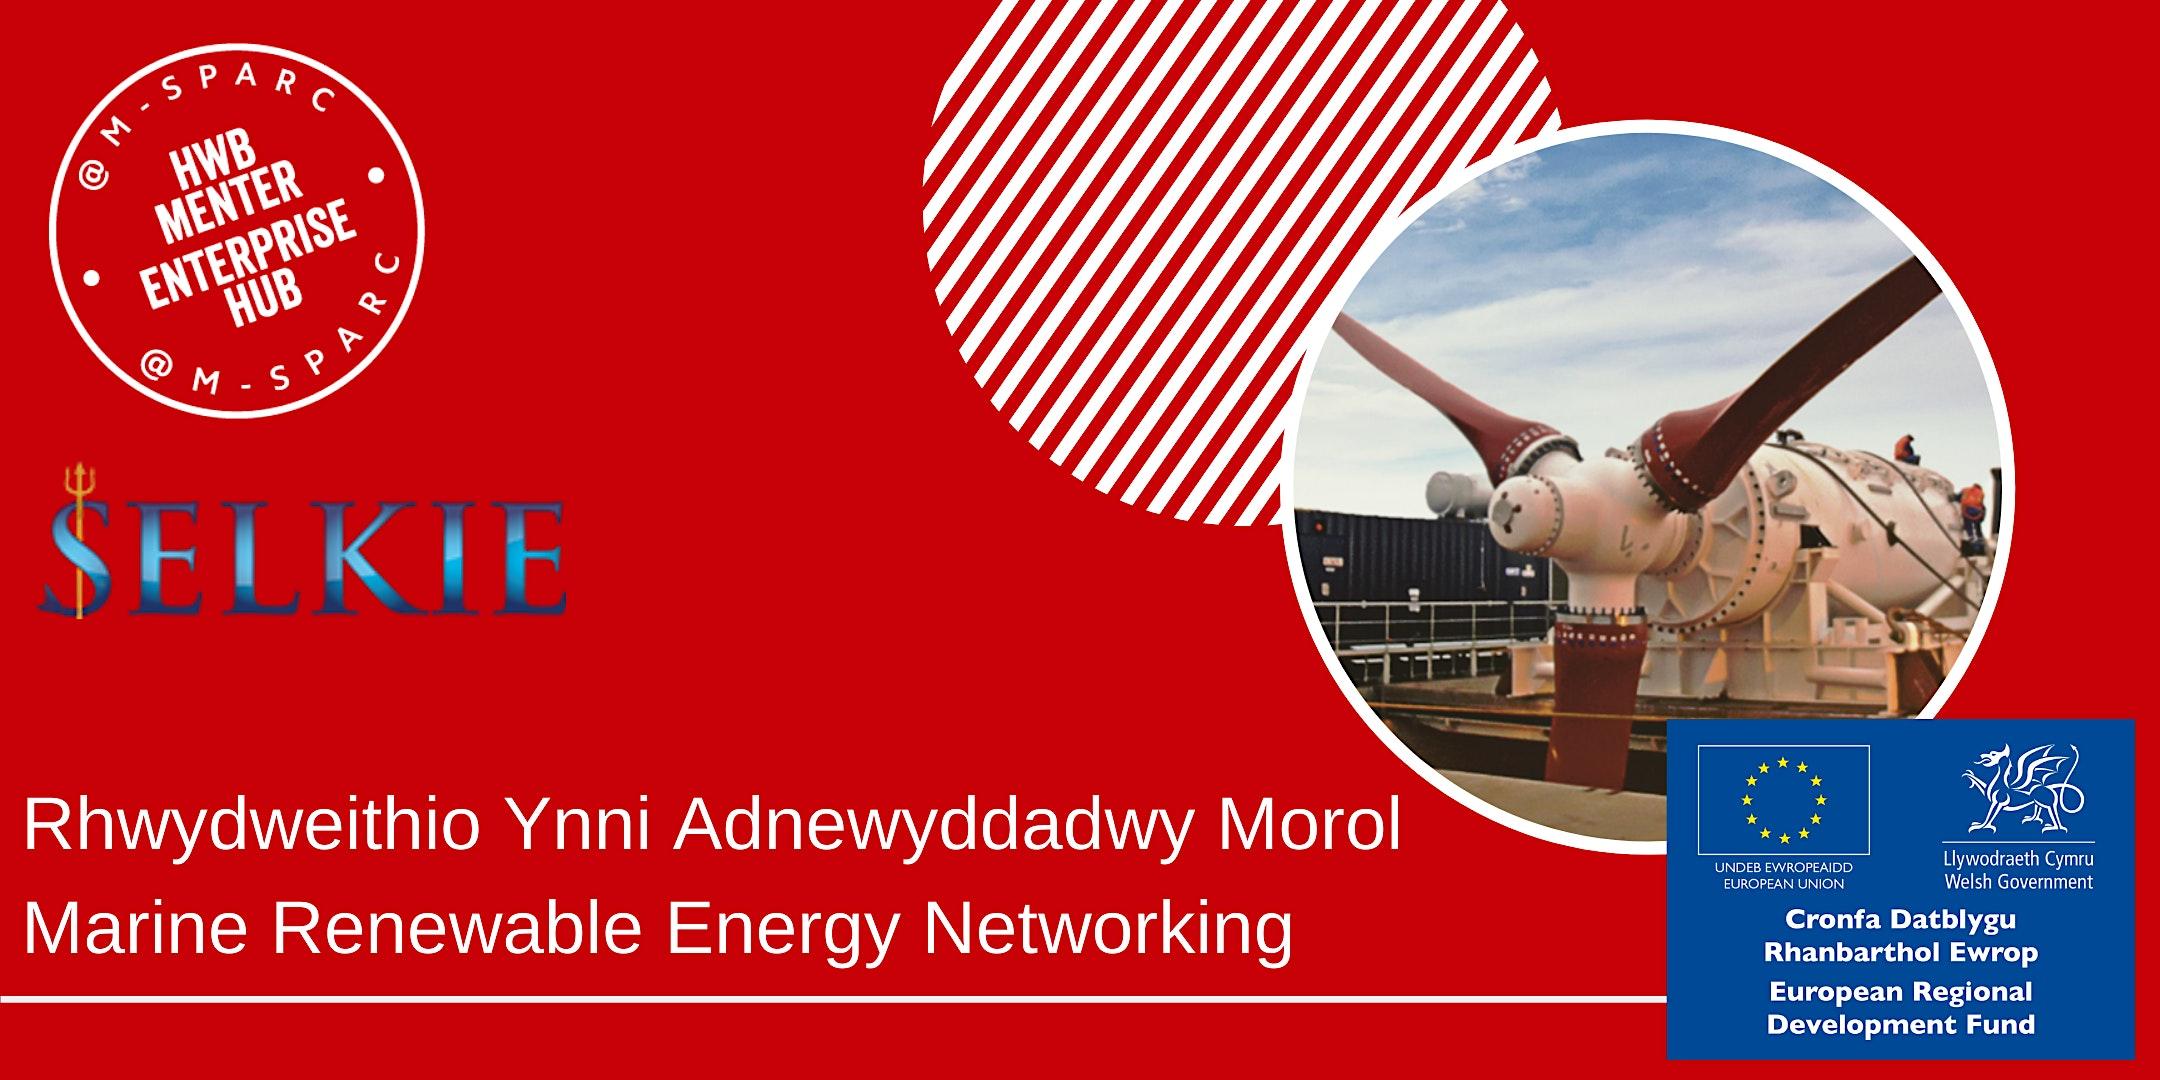 Rhwydweithio Diwydiant Ynni Morol / Marine Energy Industry Networking